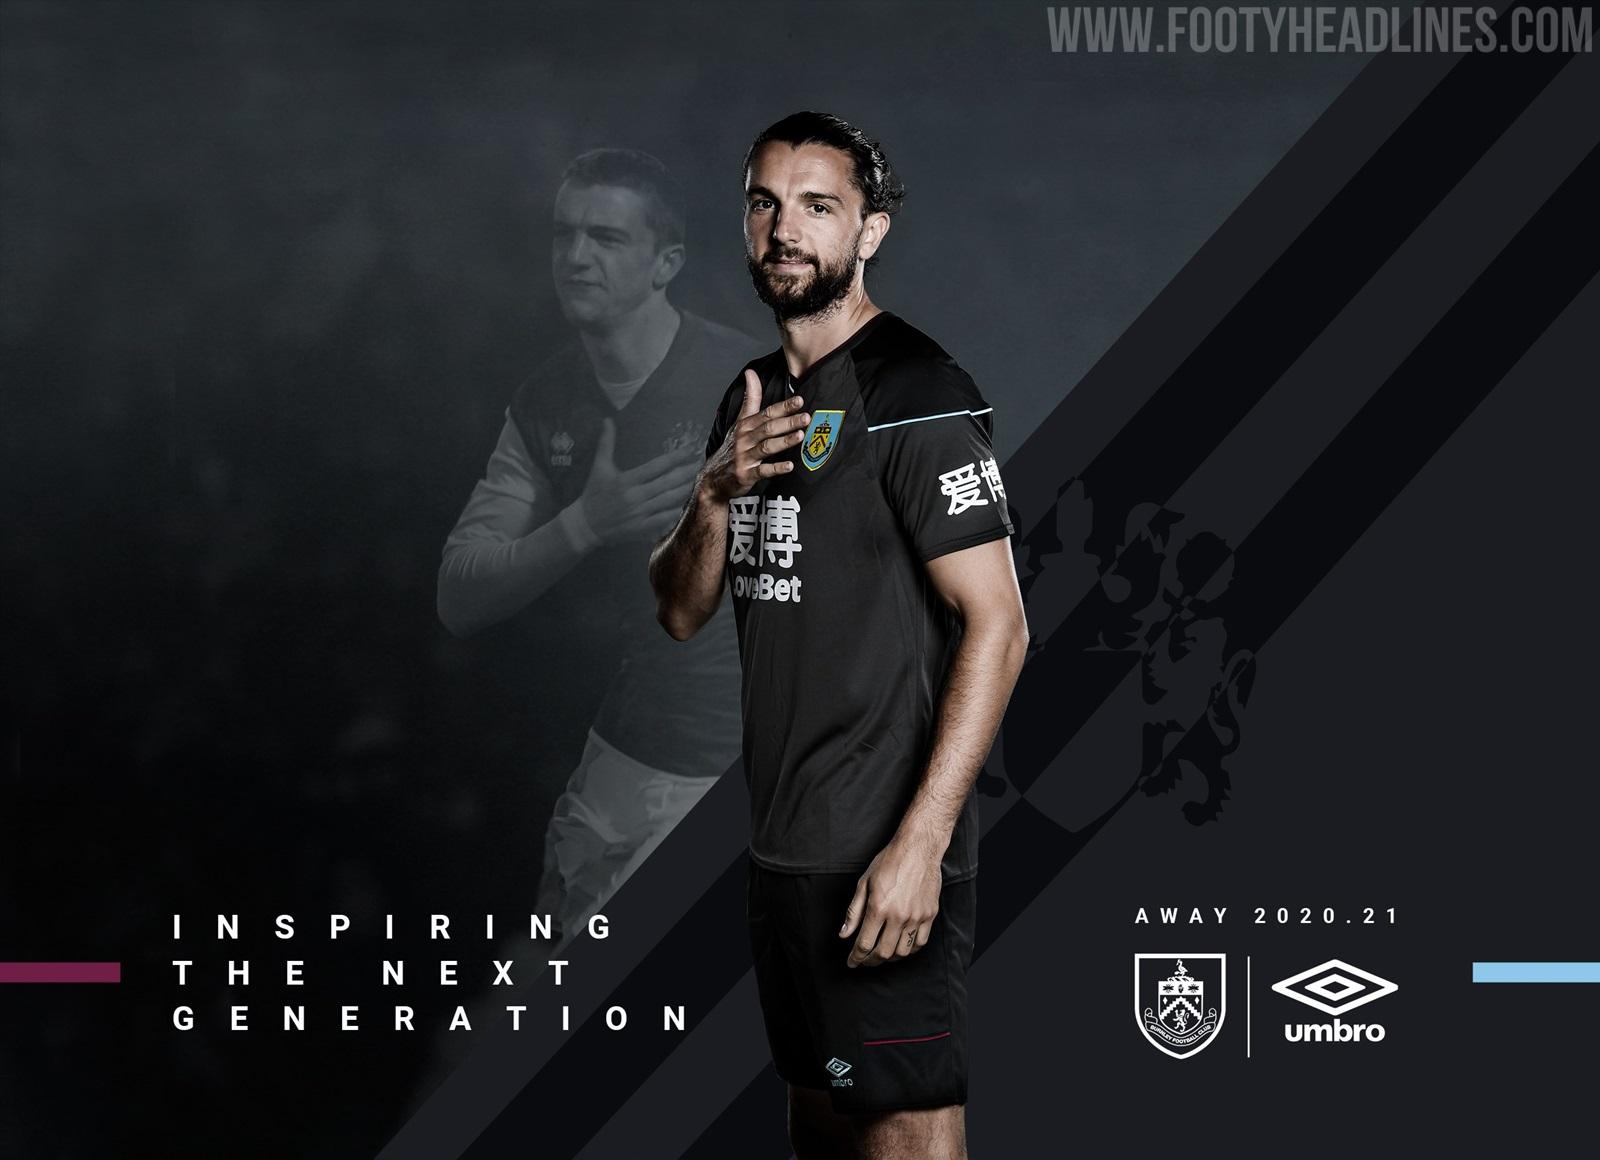 Burnley 20-21 Away Kit Revealed - Footy Headlines